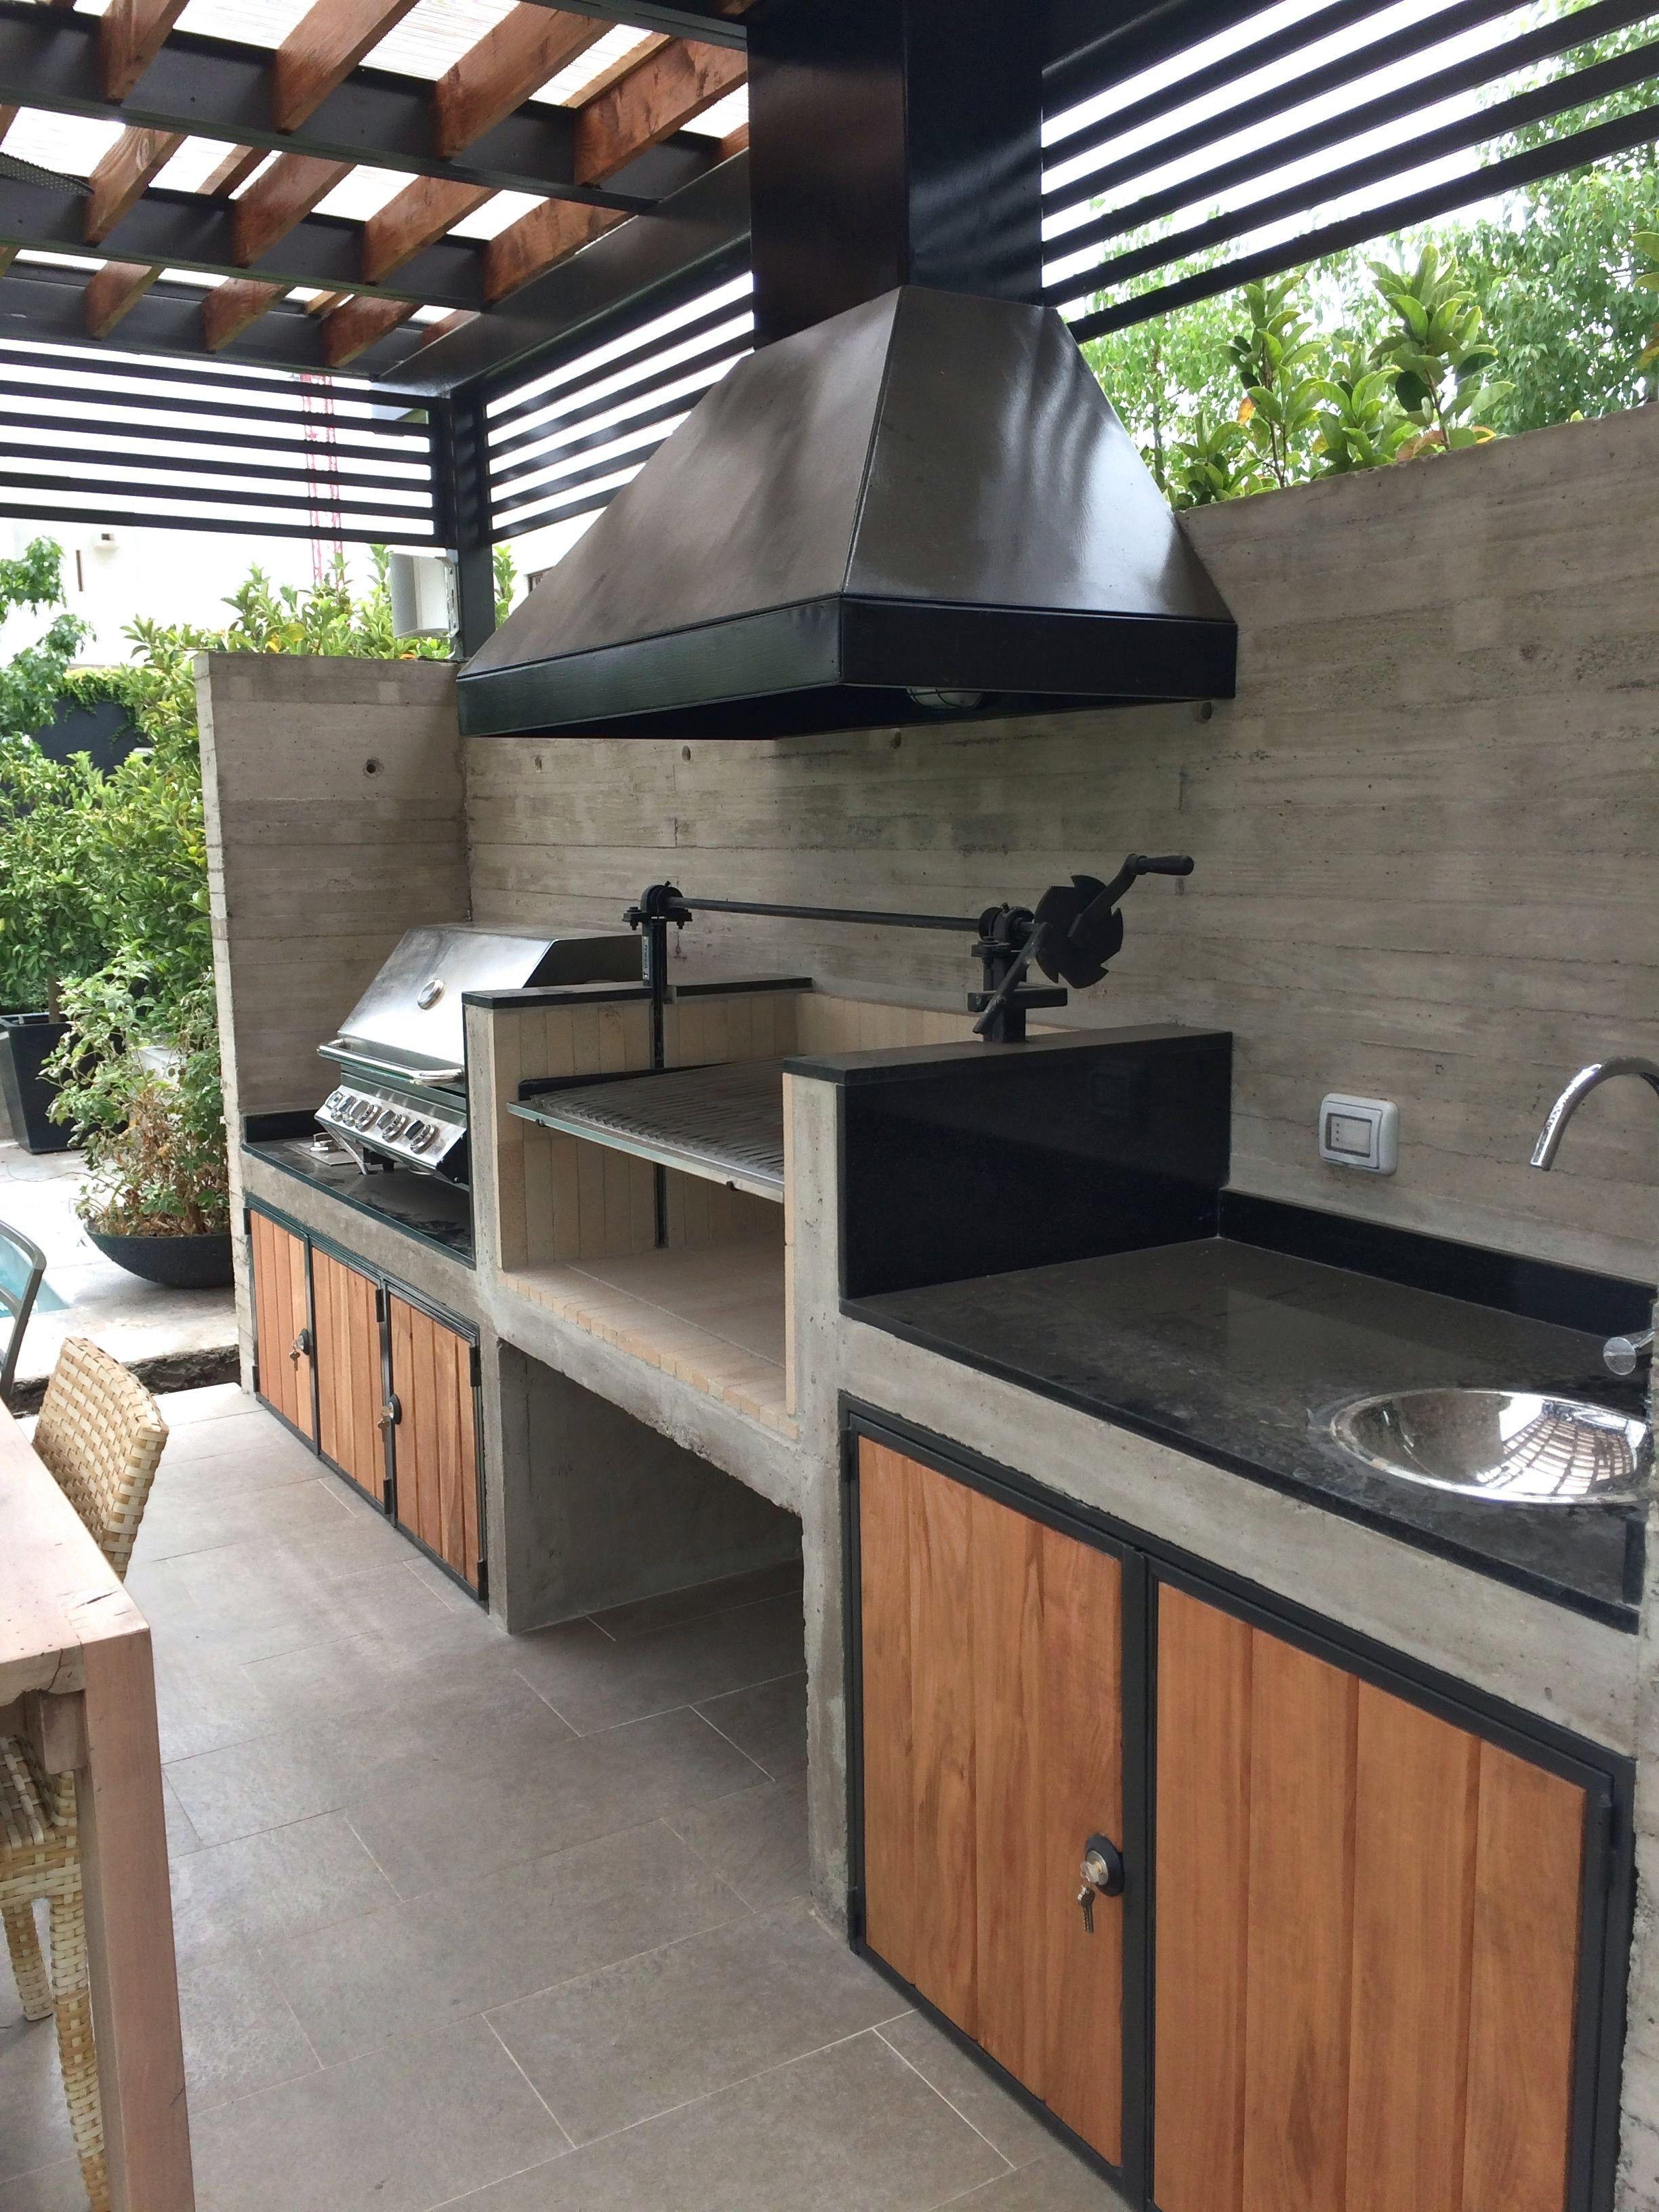 11 Useful Tips For Summer Kitchen Arrangement Decor Around The World Outdoor Kitchen Decor Outdoor Bbq Kitchen Barbecue Design